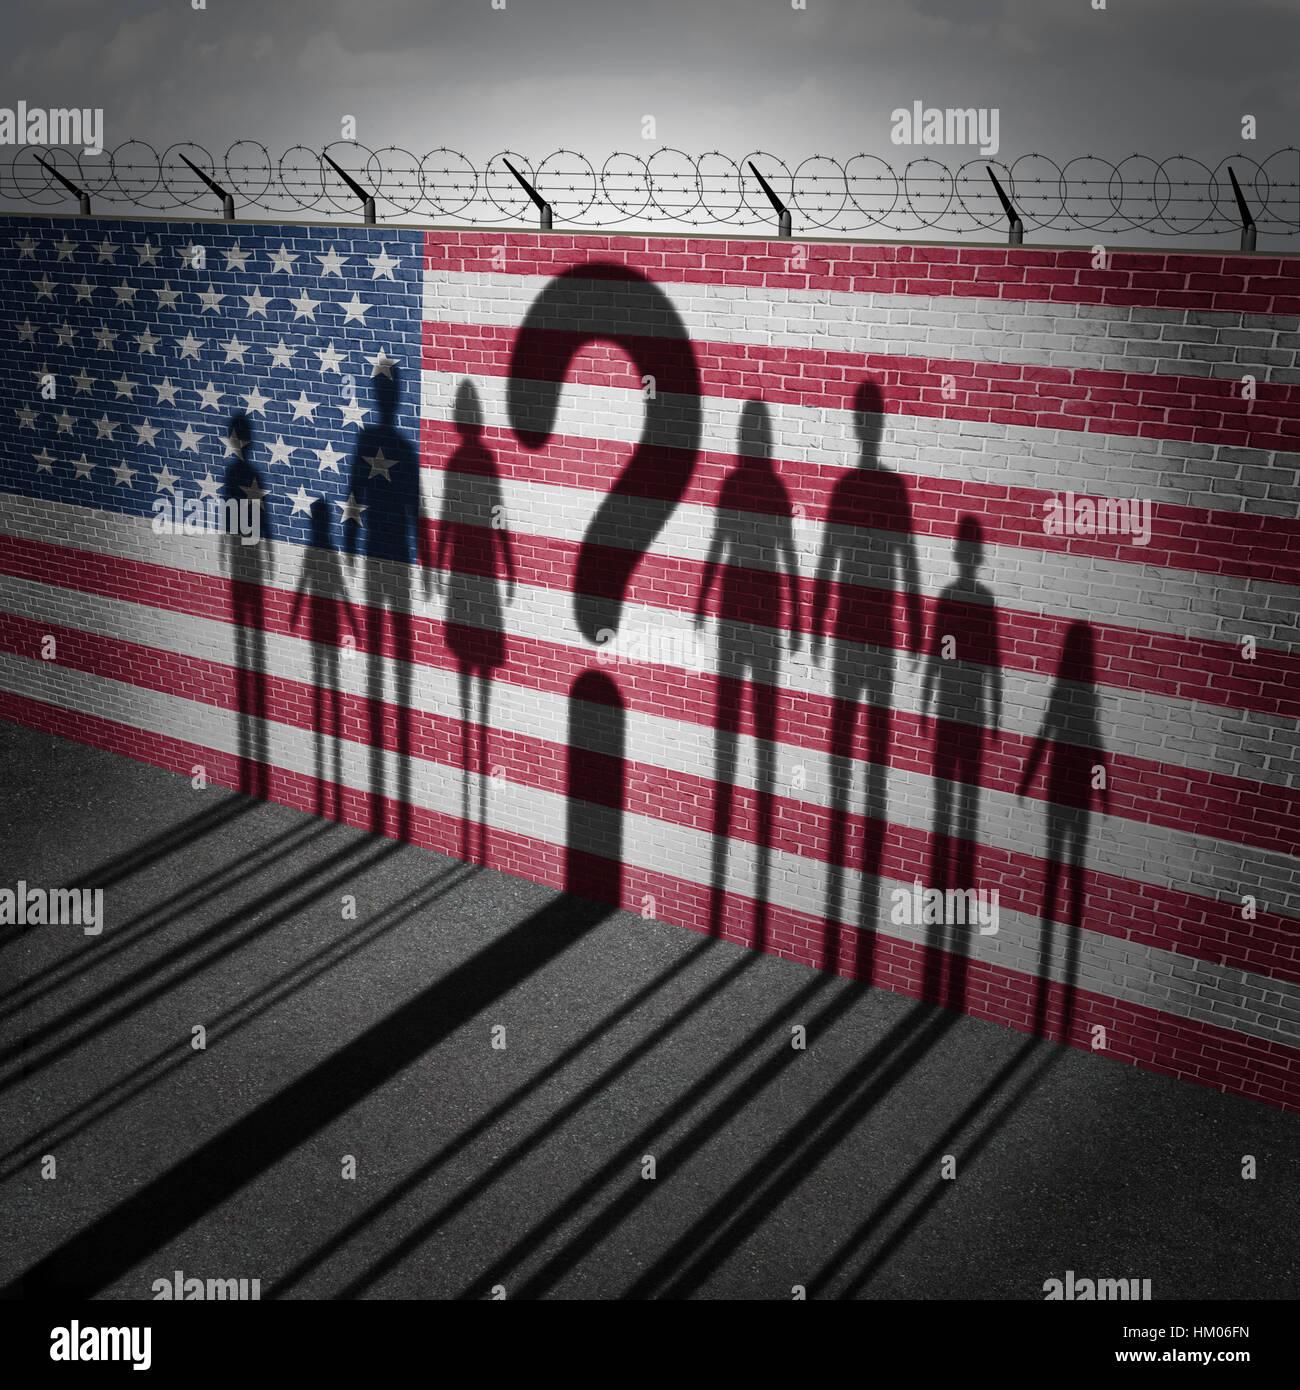 United States question des réfugiés et de l'immigration la politique gouvernementale de contrôle Photo Stock